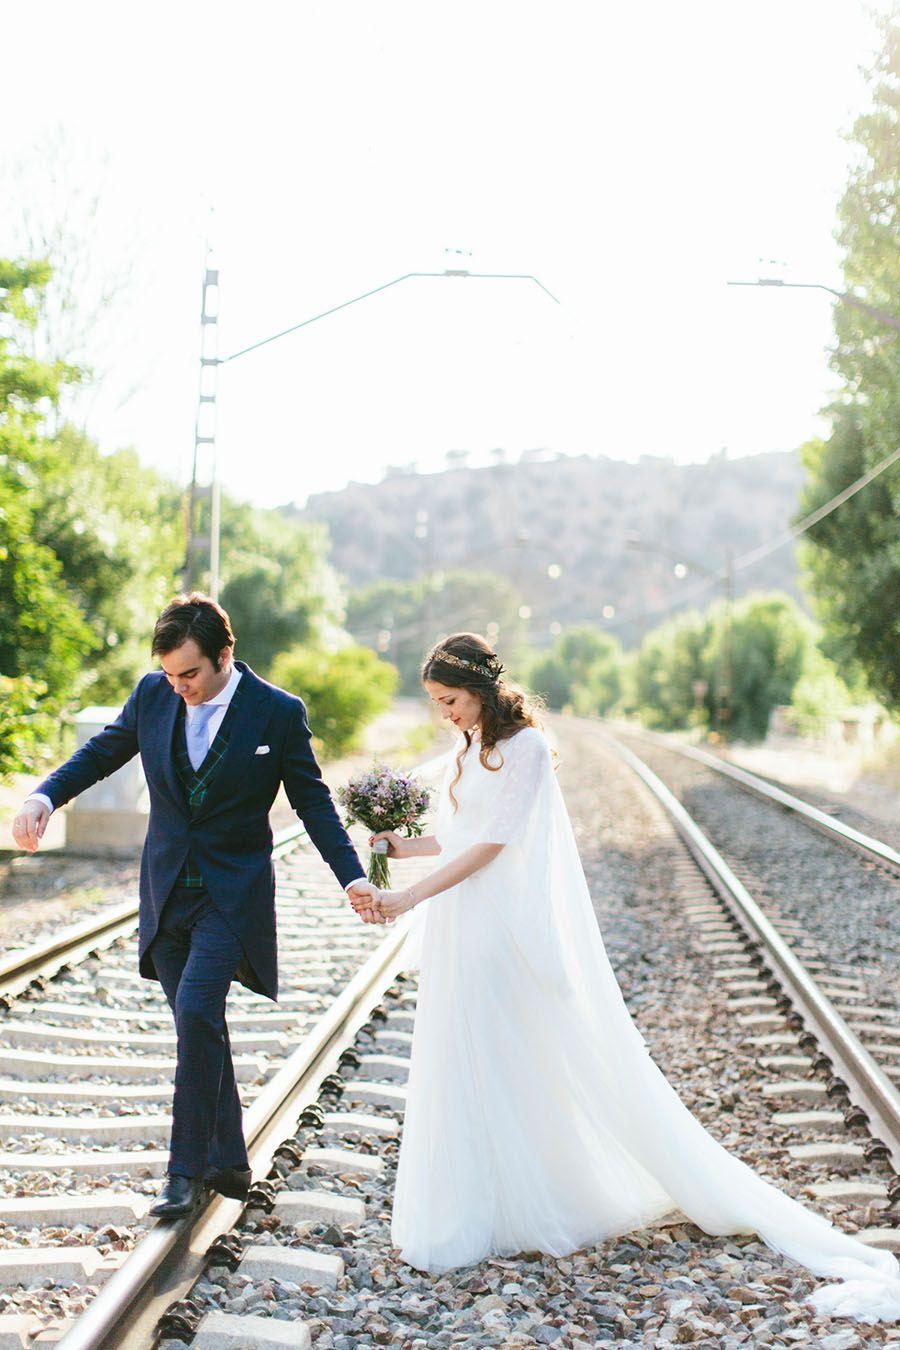 calista-one-lista-de-bodas-online-blog-de-bodas-inspiracion-bodas-m-5